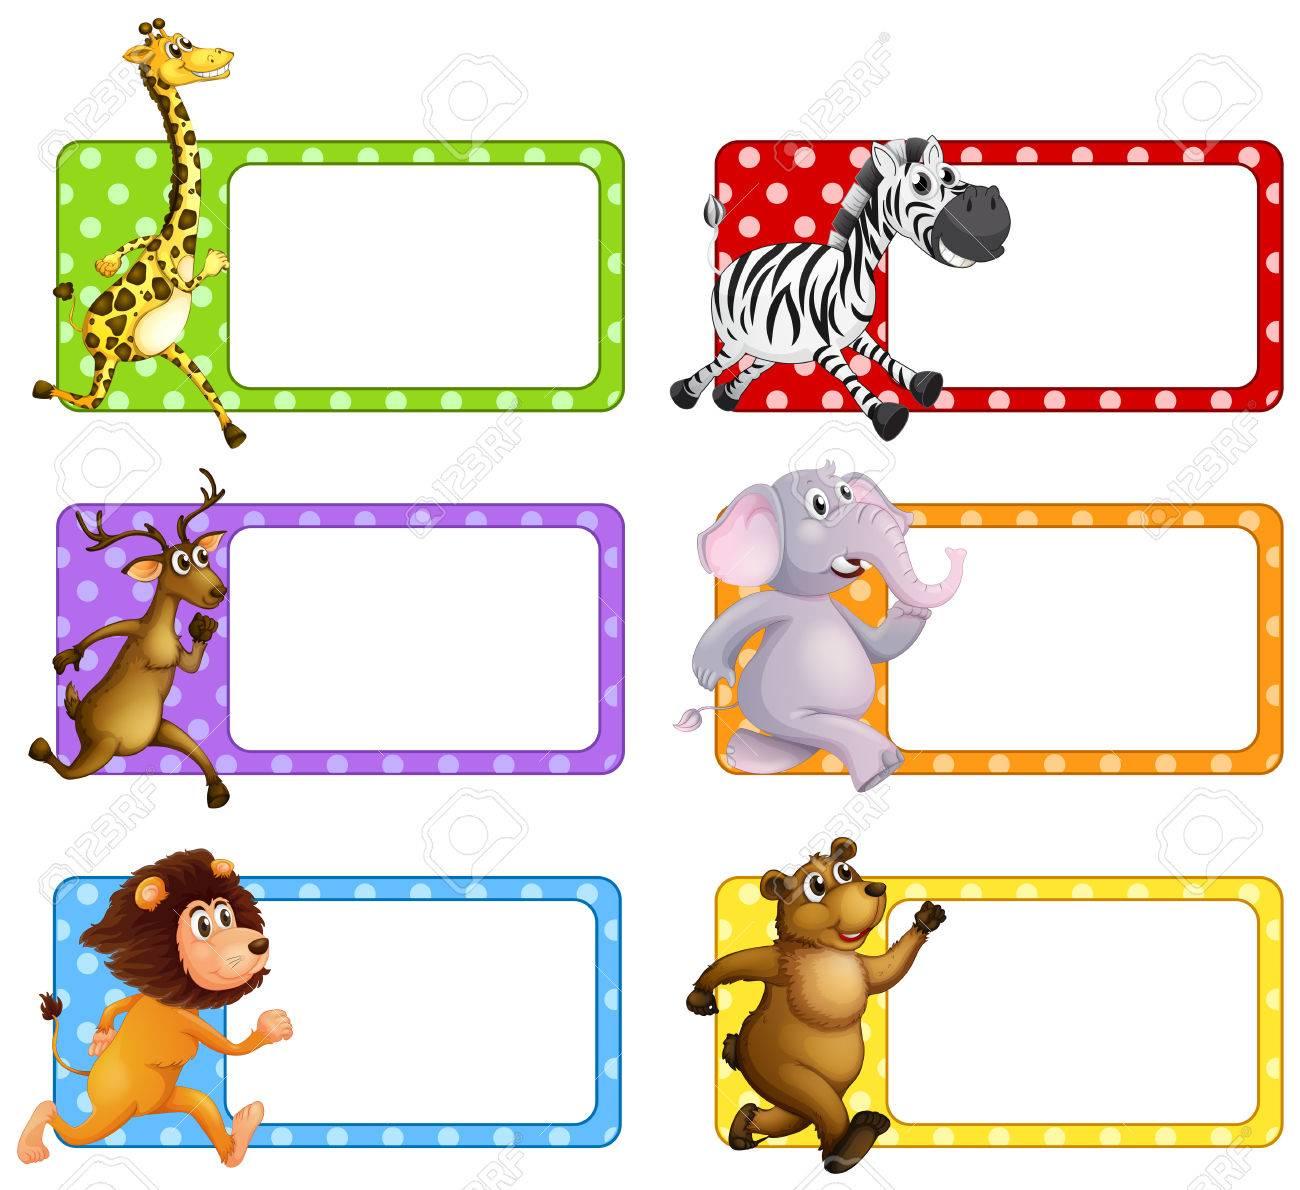 Animales Salvajes En Las Etiquetas De La Ilustración Cuadrada ...